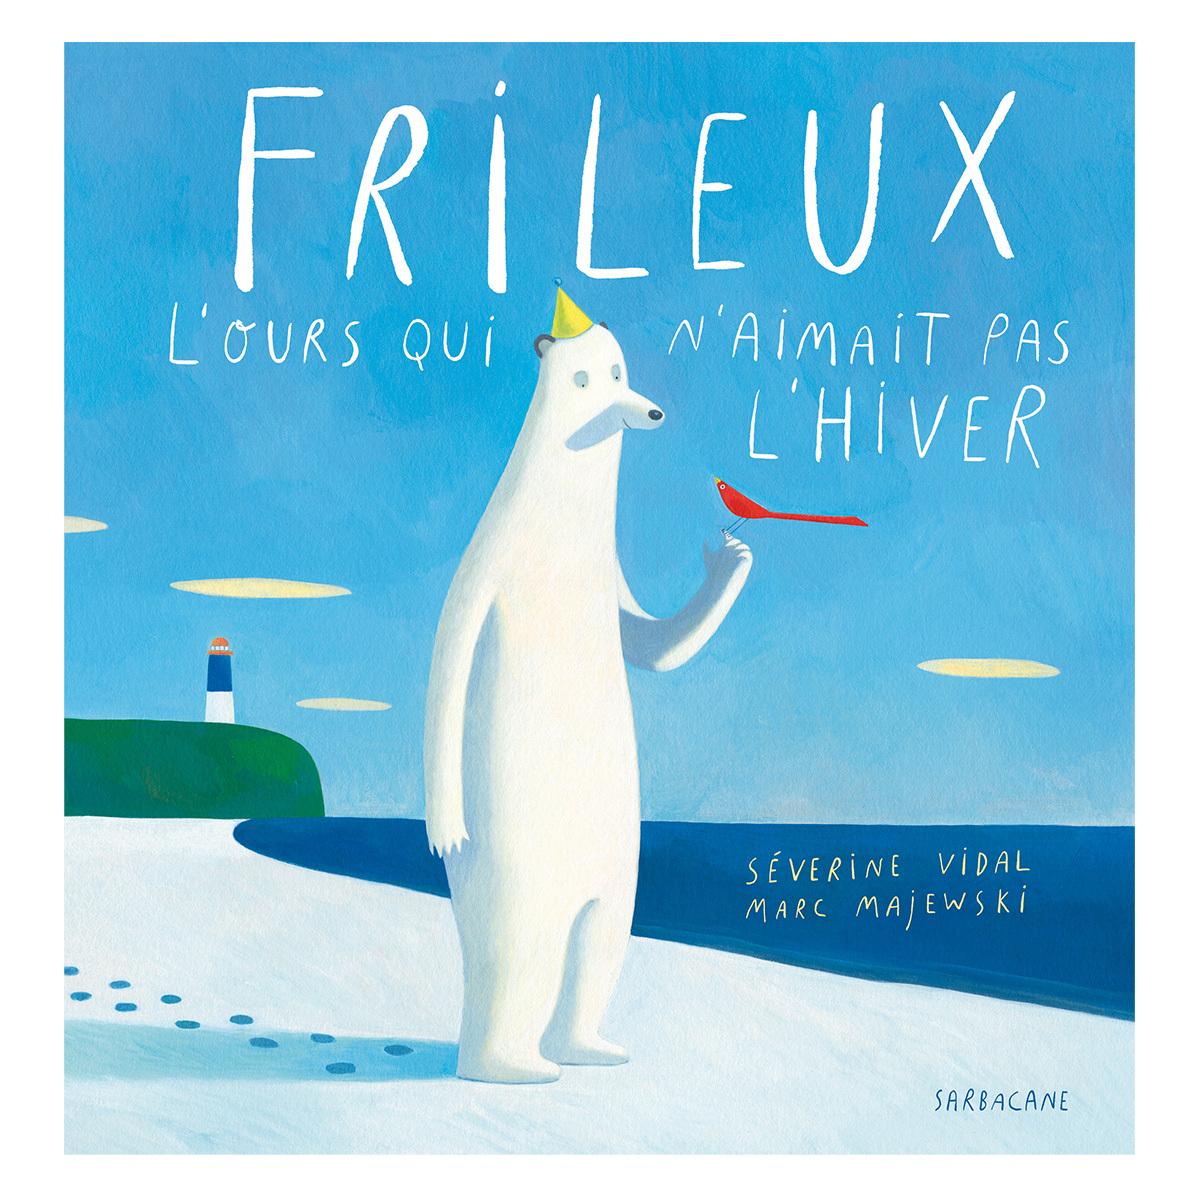 Livre & Carte Frileux l'Ours Qui n'Aimait Pas l'Hiver Frileux l'Ours Qui n'Aimait Pas l'Hiver